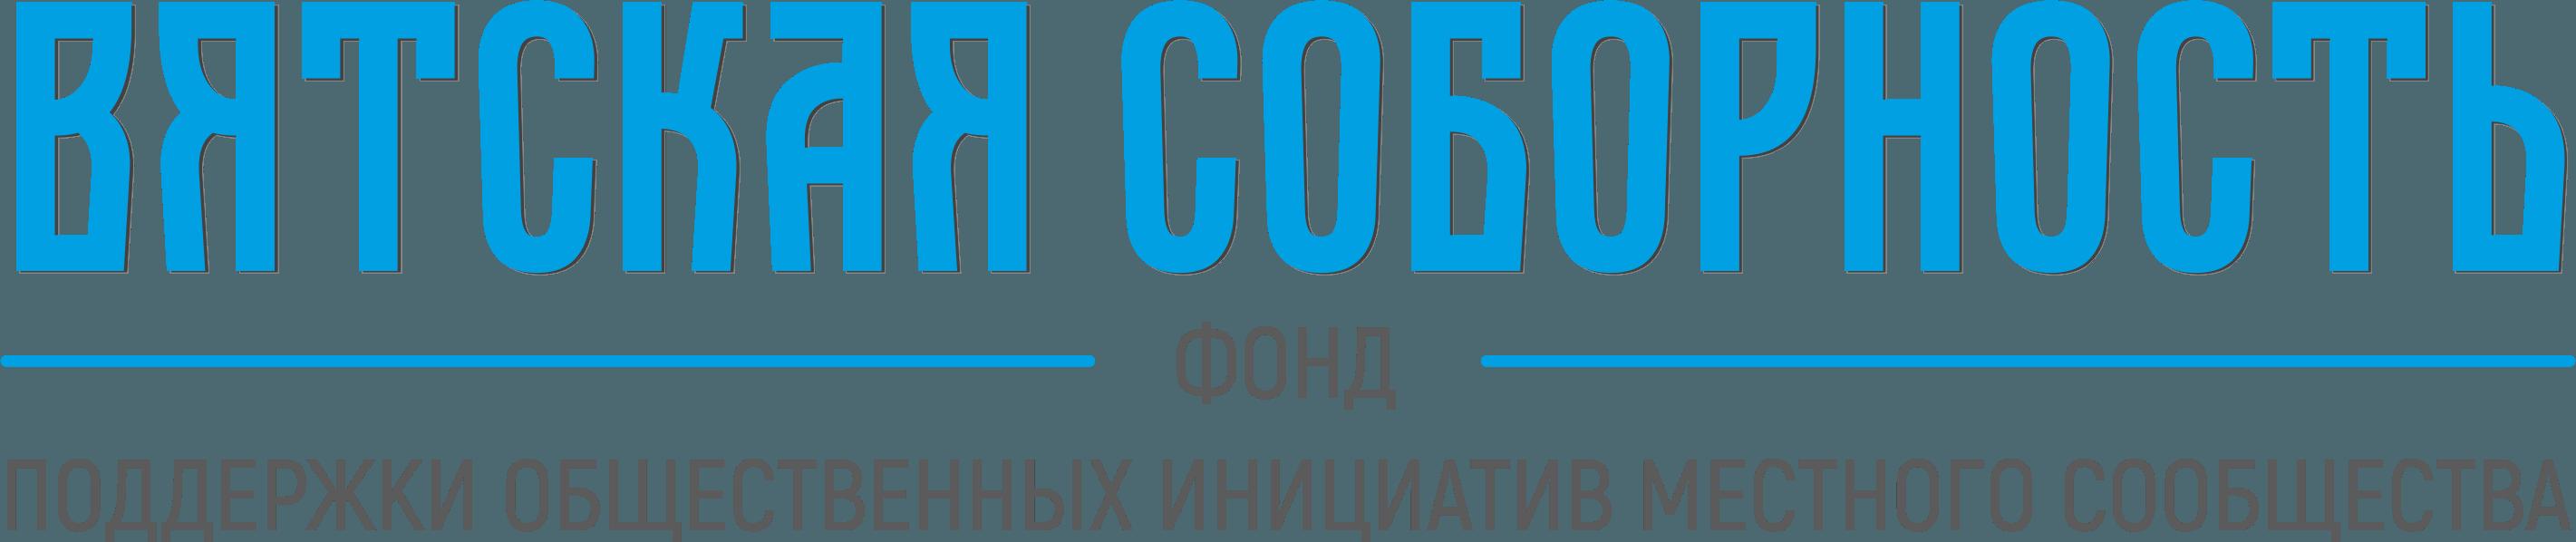 Фонд «Вятская соборность»